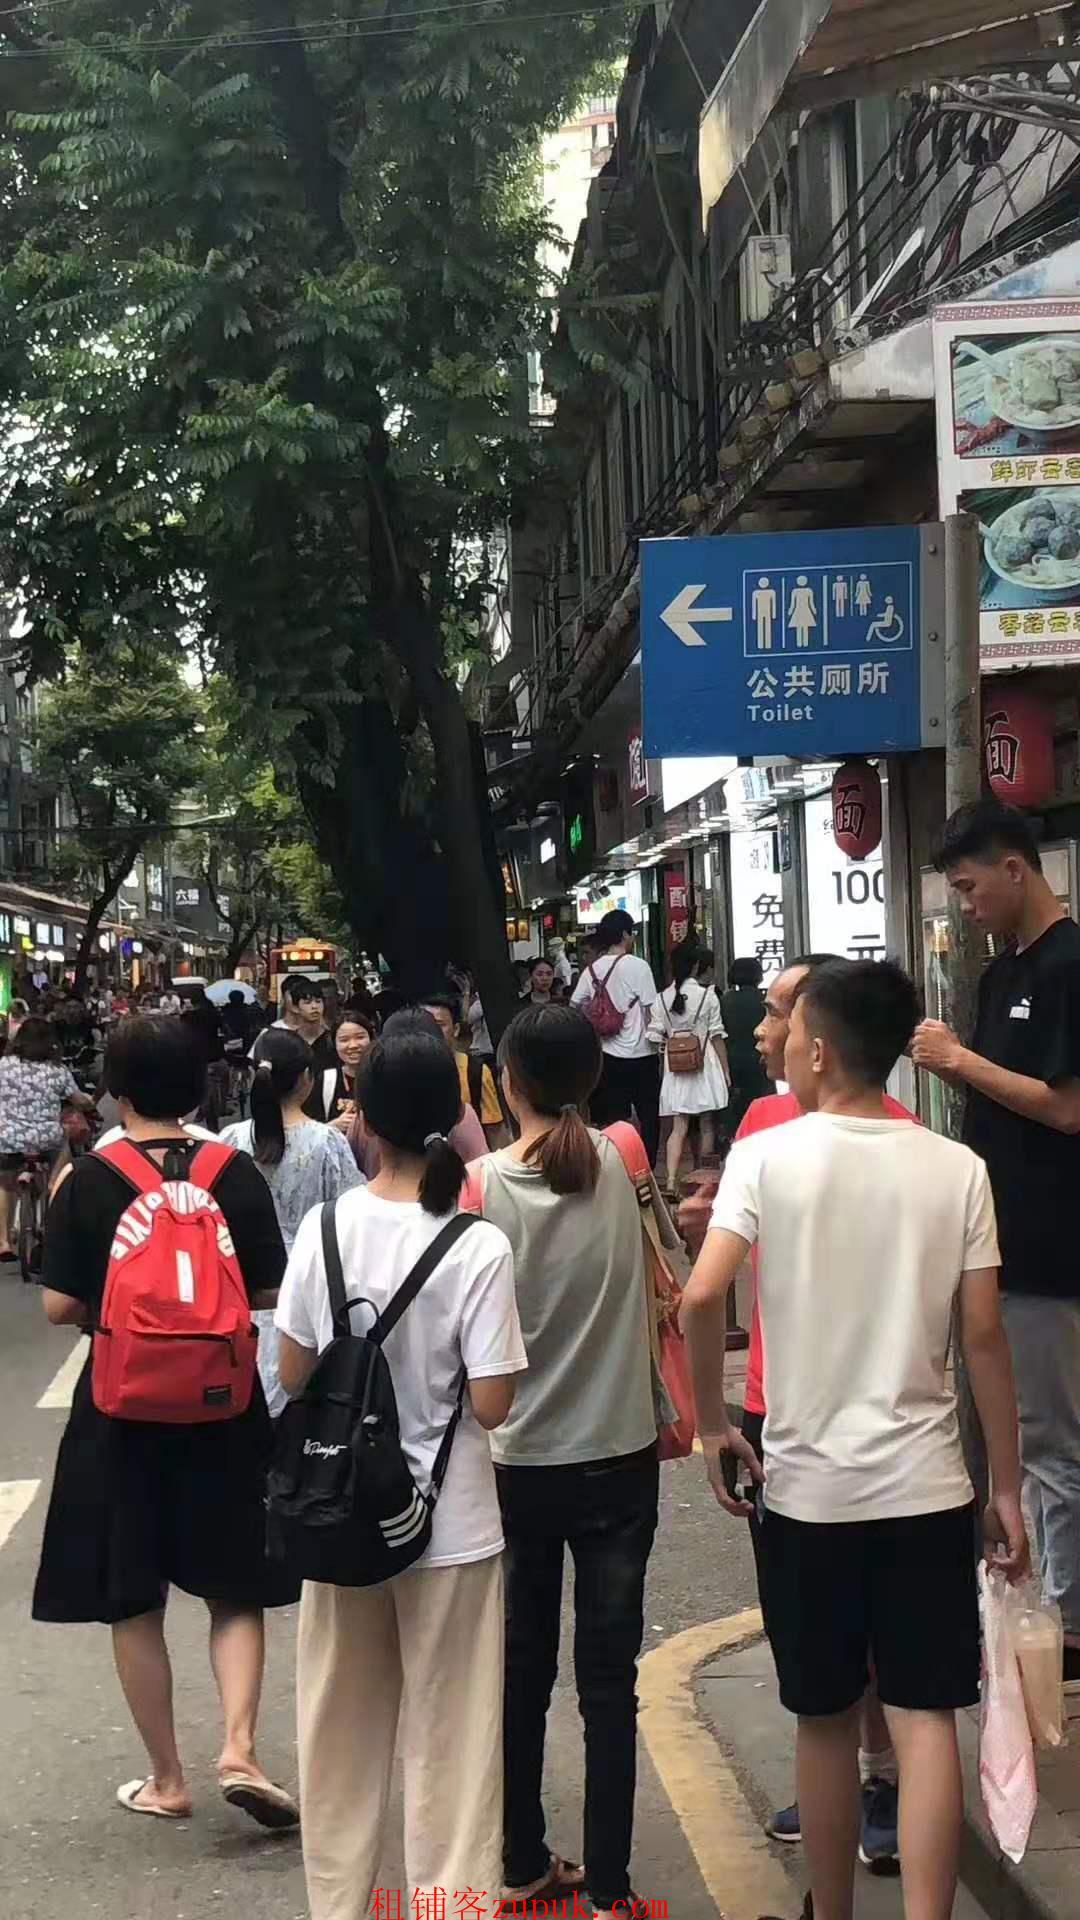 龙怡路,街口小吃店,门口人超多,可各种水果捞炸鸡汉堡,